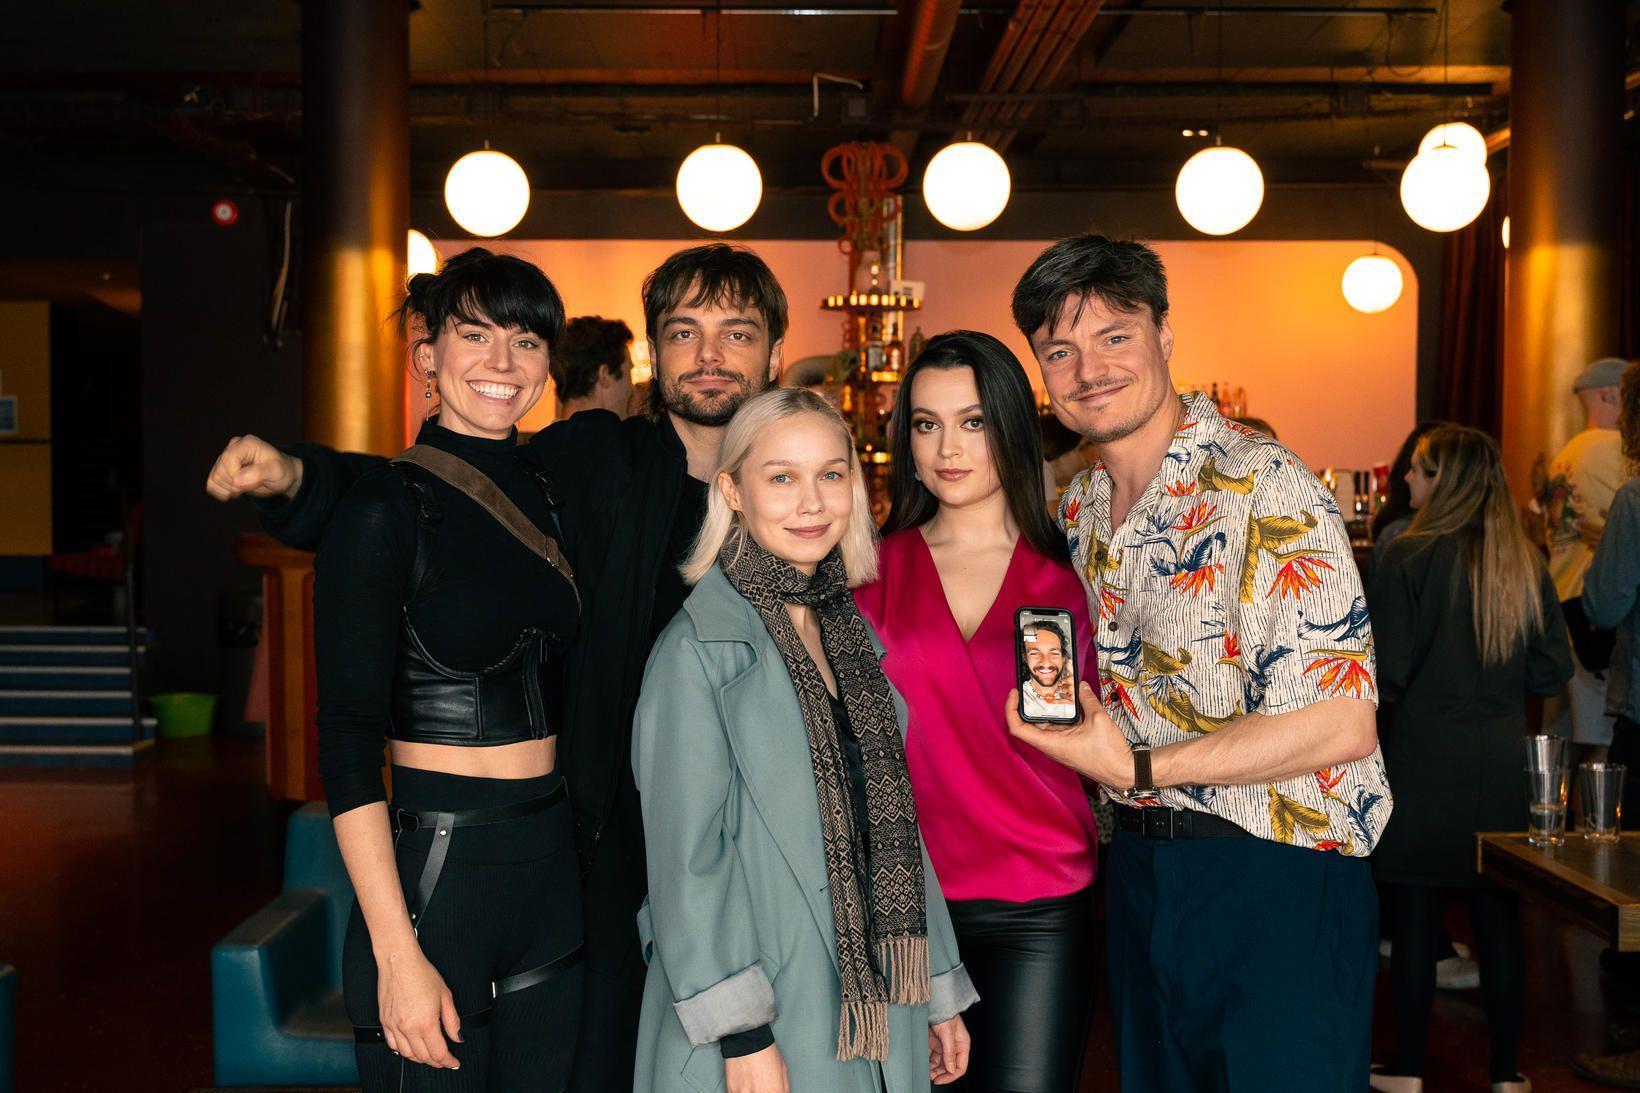 Youtube-stjarnan Sorelle Amore, Janus Rasmussen tónlistarmaður (Kiasmos), Sigrún Hanna myndlistarkona, …